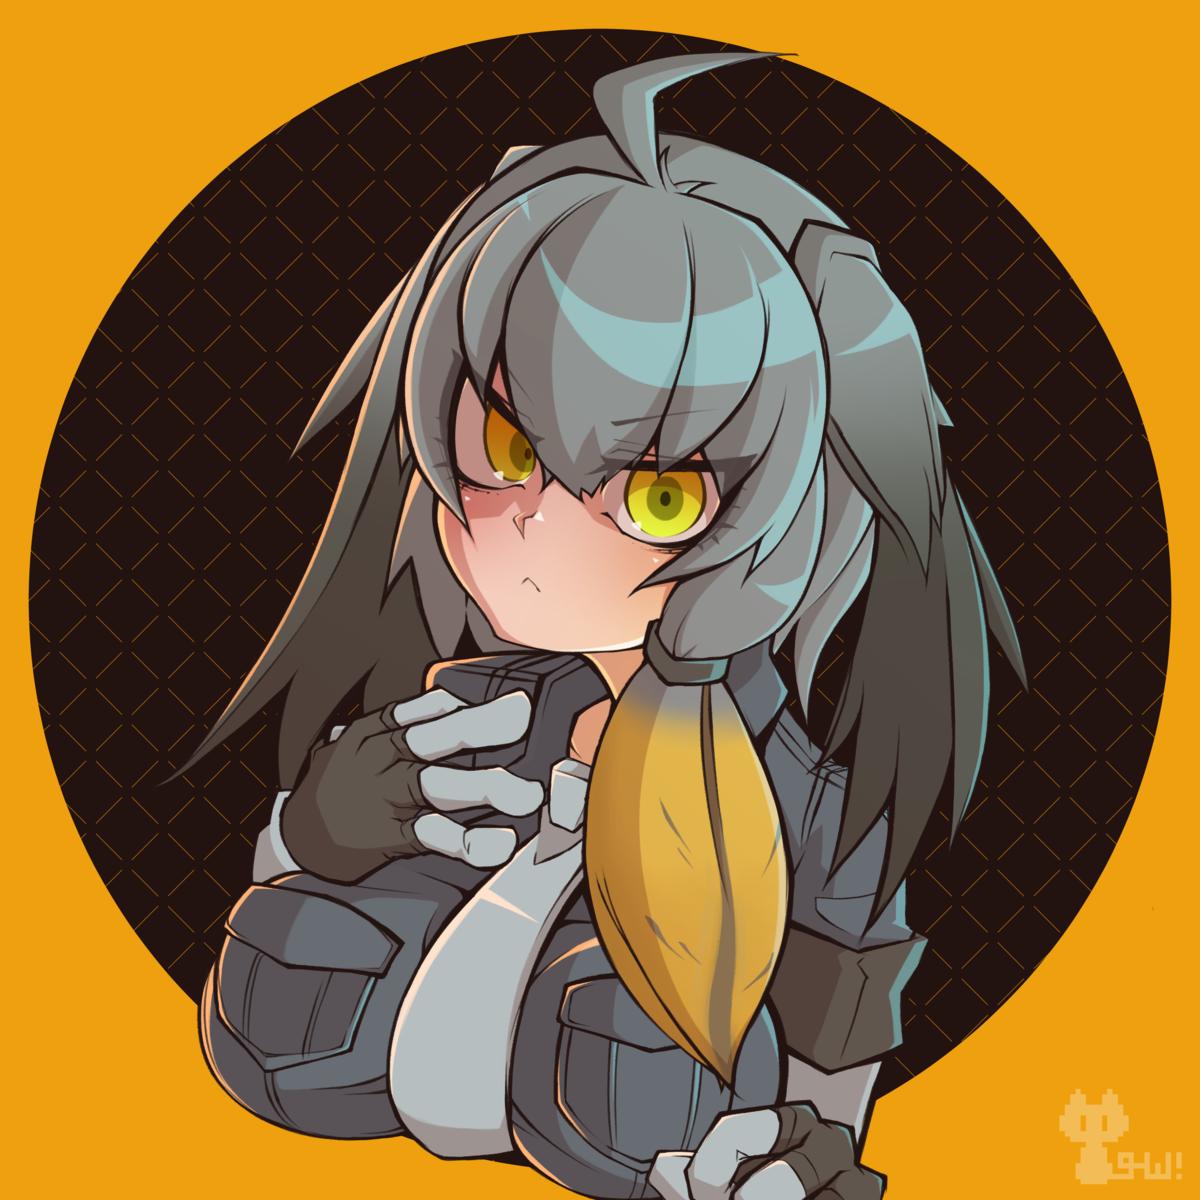 f:id:mochimochisakusaku:20210526181051p:plain